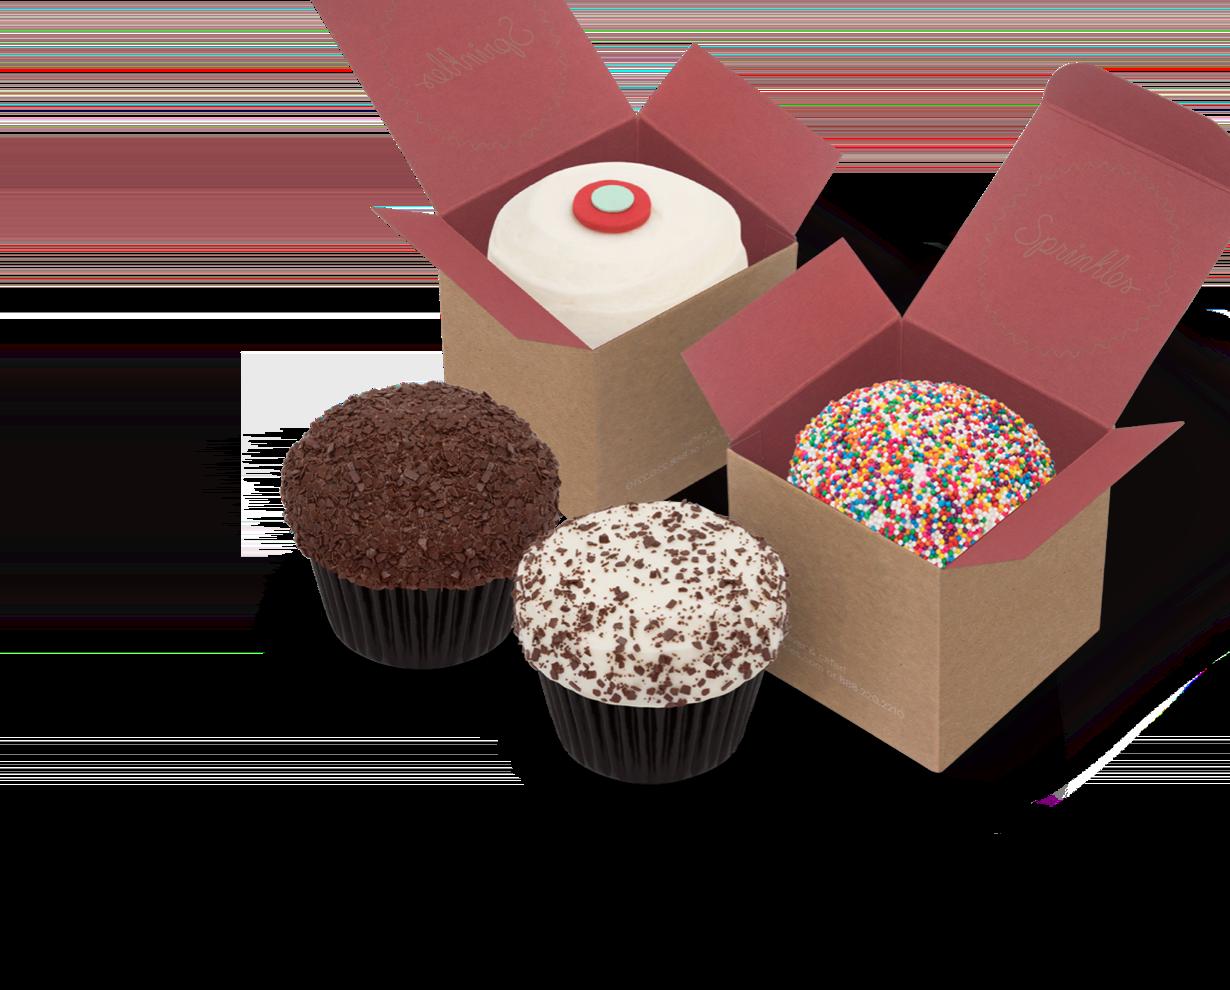 Cupcakes By Flavor Menu